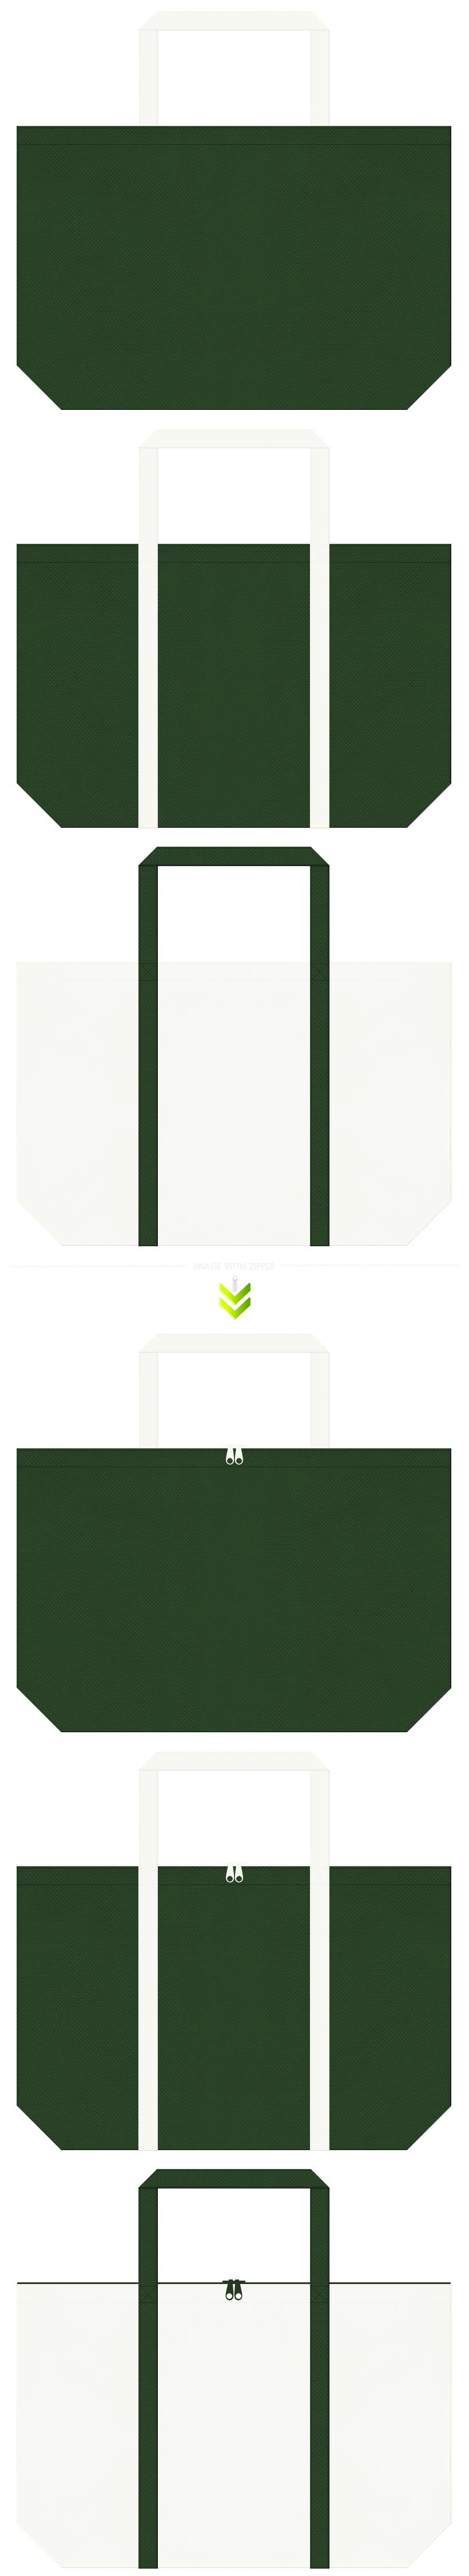 コスプレ・メイド服・救急用品・医薬品・乳製品・クラッシック・カントリー・アンティーク・ヴィンテージ・レトロなイメージのエコバッグにお奨めの不織布バッグデザイン:濃緑色・深緑色とオフホワイト色のコーデ